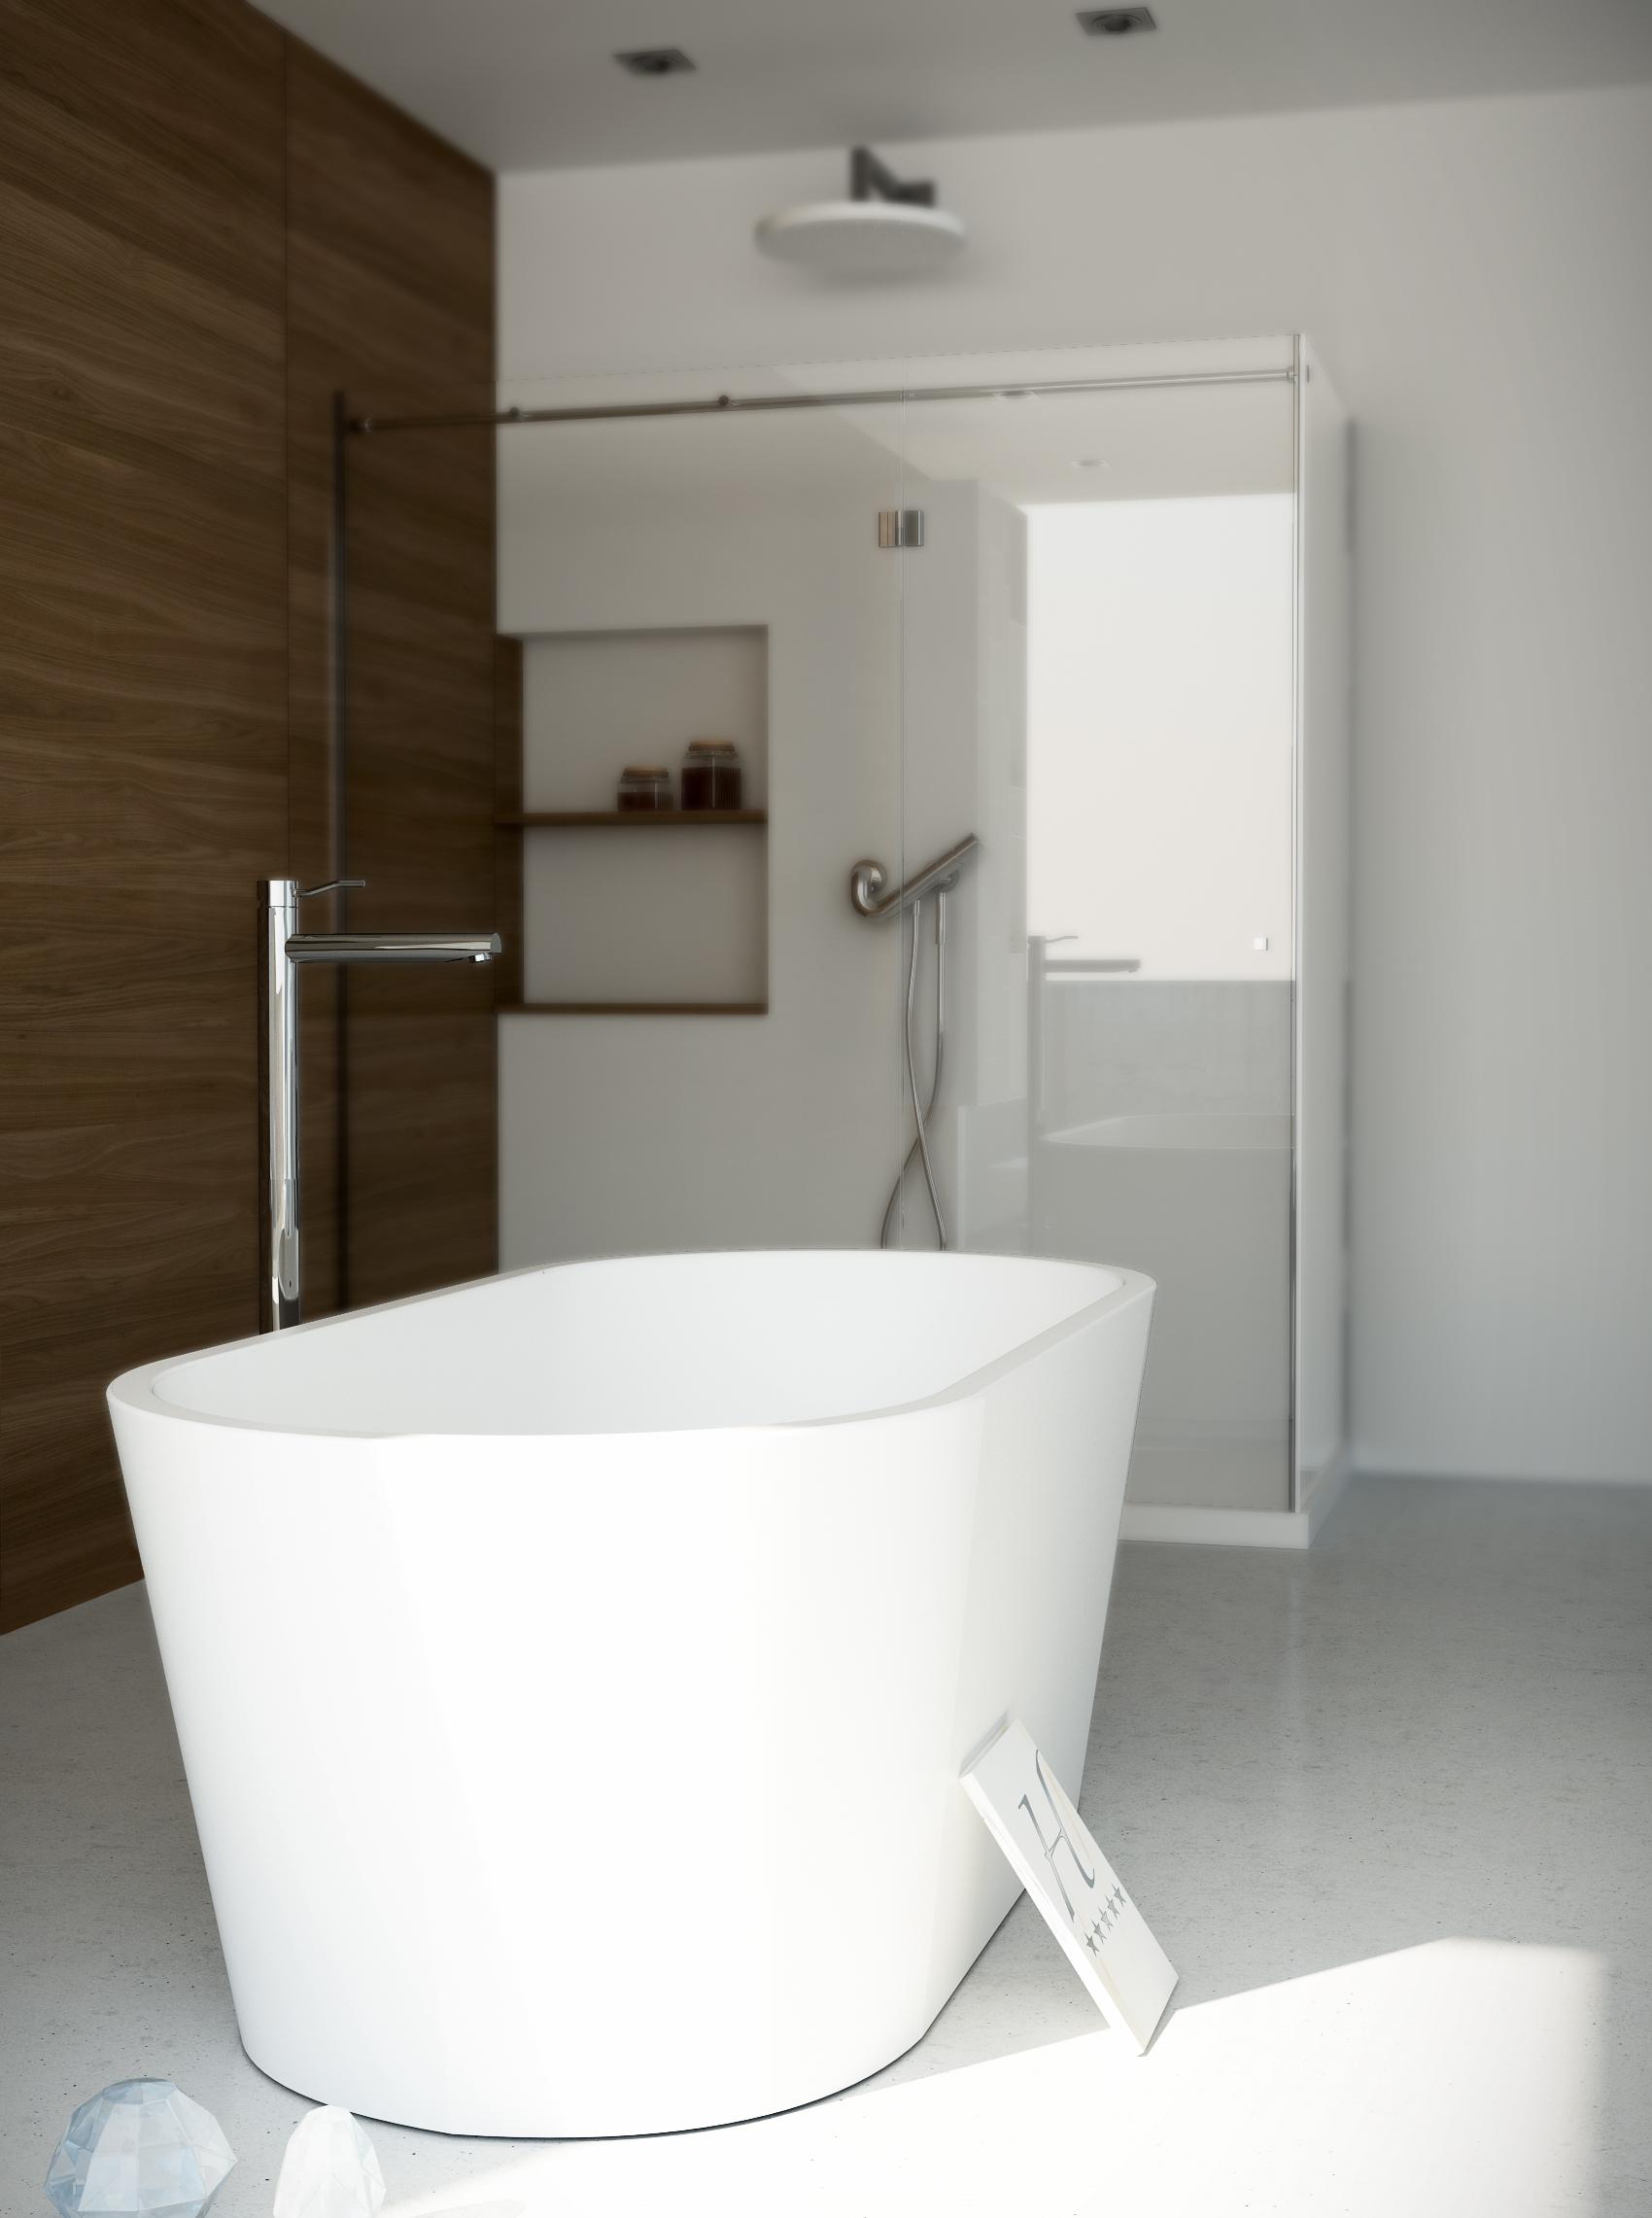 Baignoire design Diamond tub170 White Stonage®